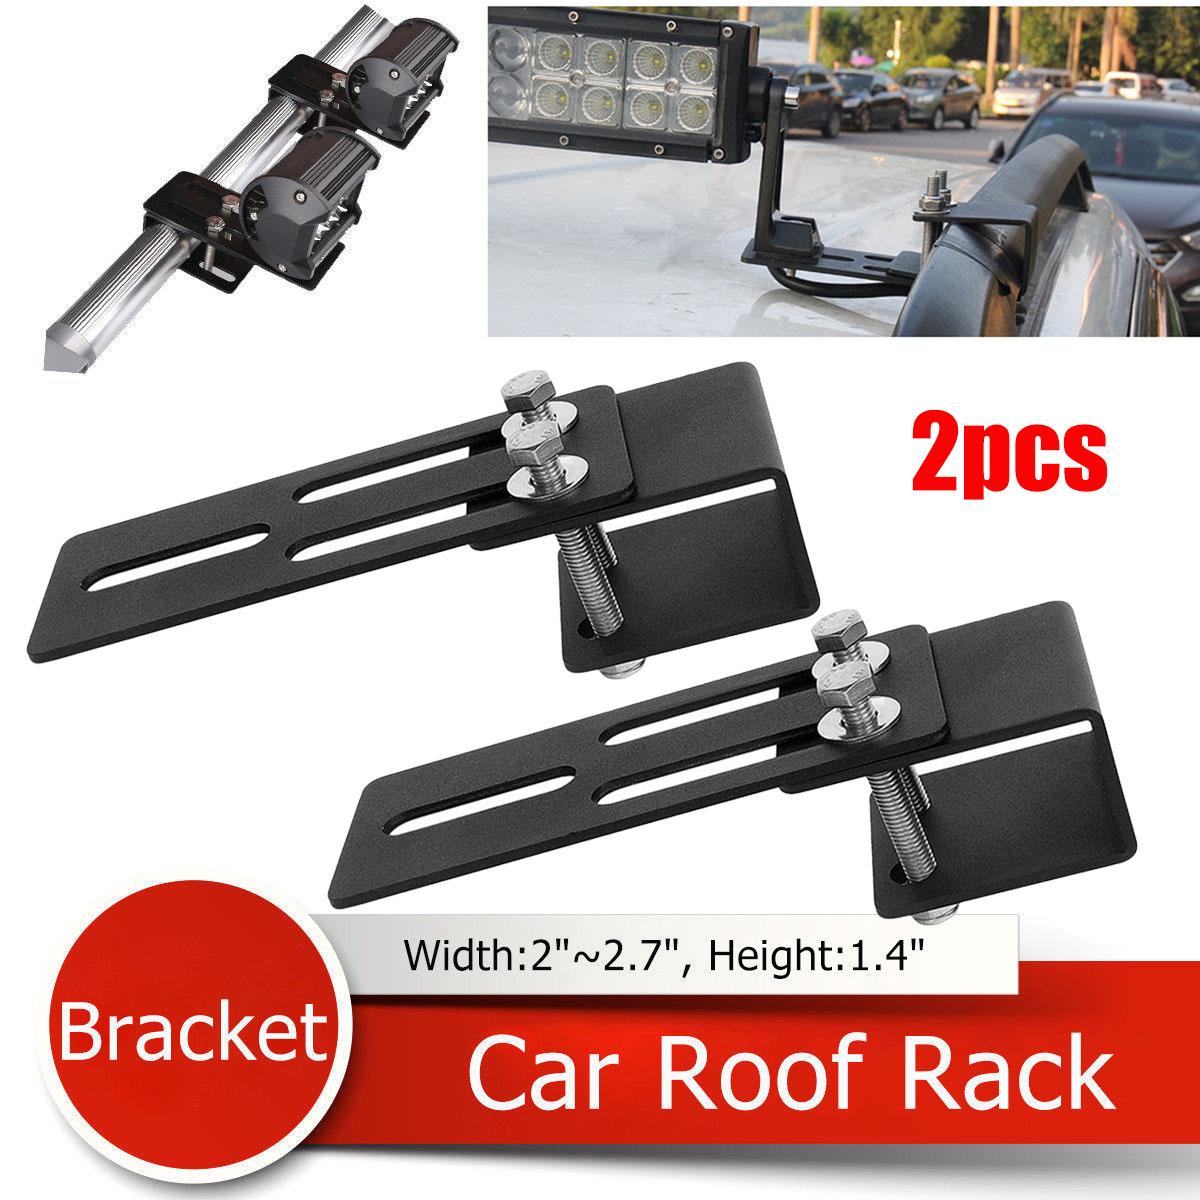 2x Universal Car Light Mount Bracket Clamp Holder Led Work Light Bar for SUV UK